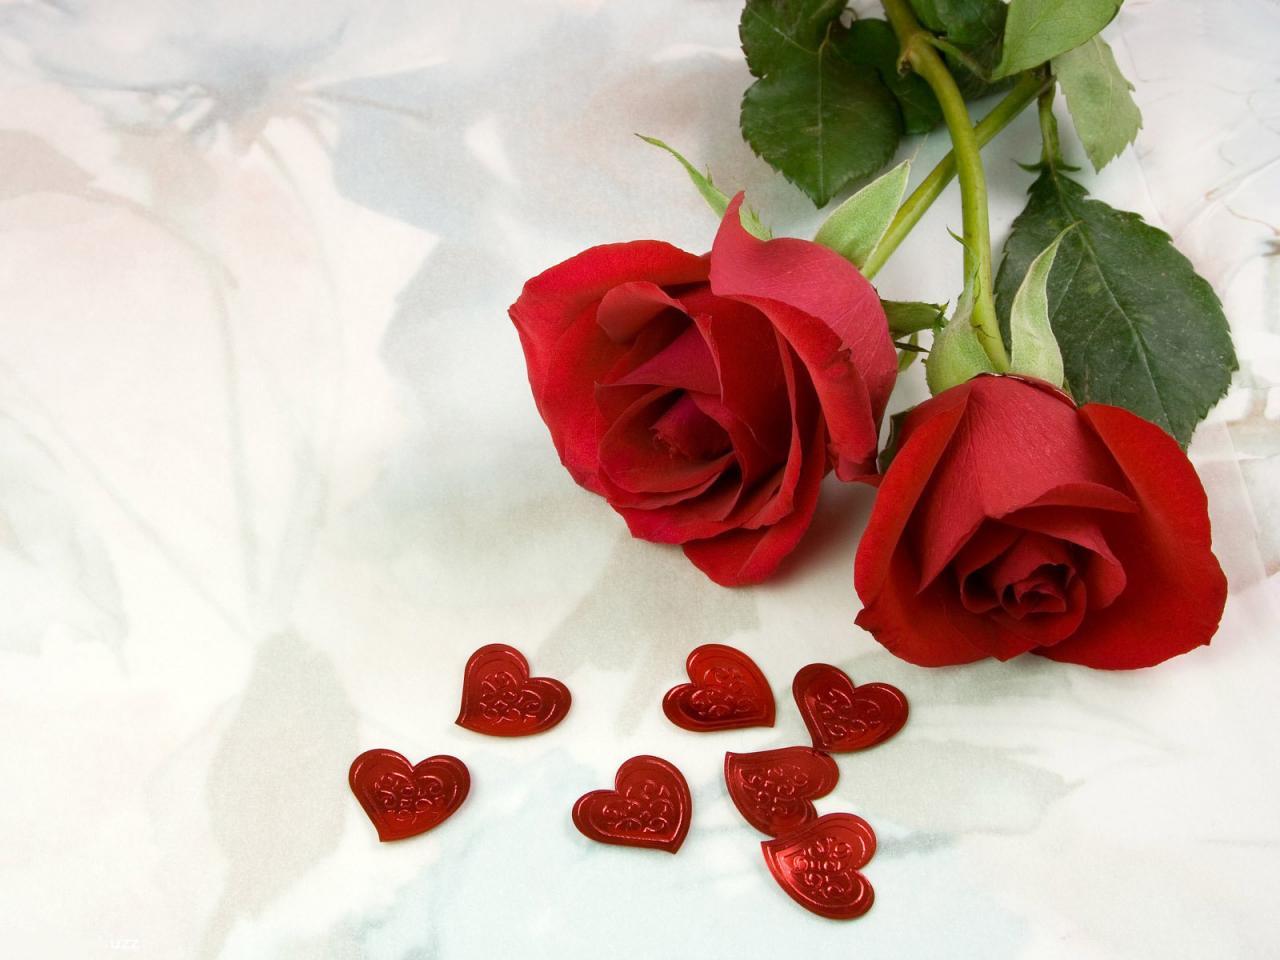 صورة بوستات ورد احمر , احلى كلمه مع ارق وردة